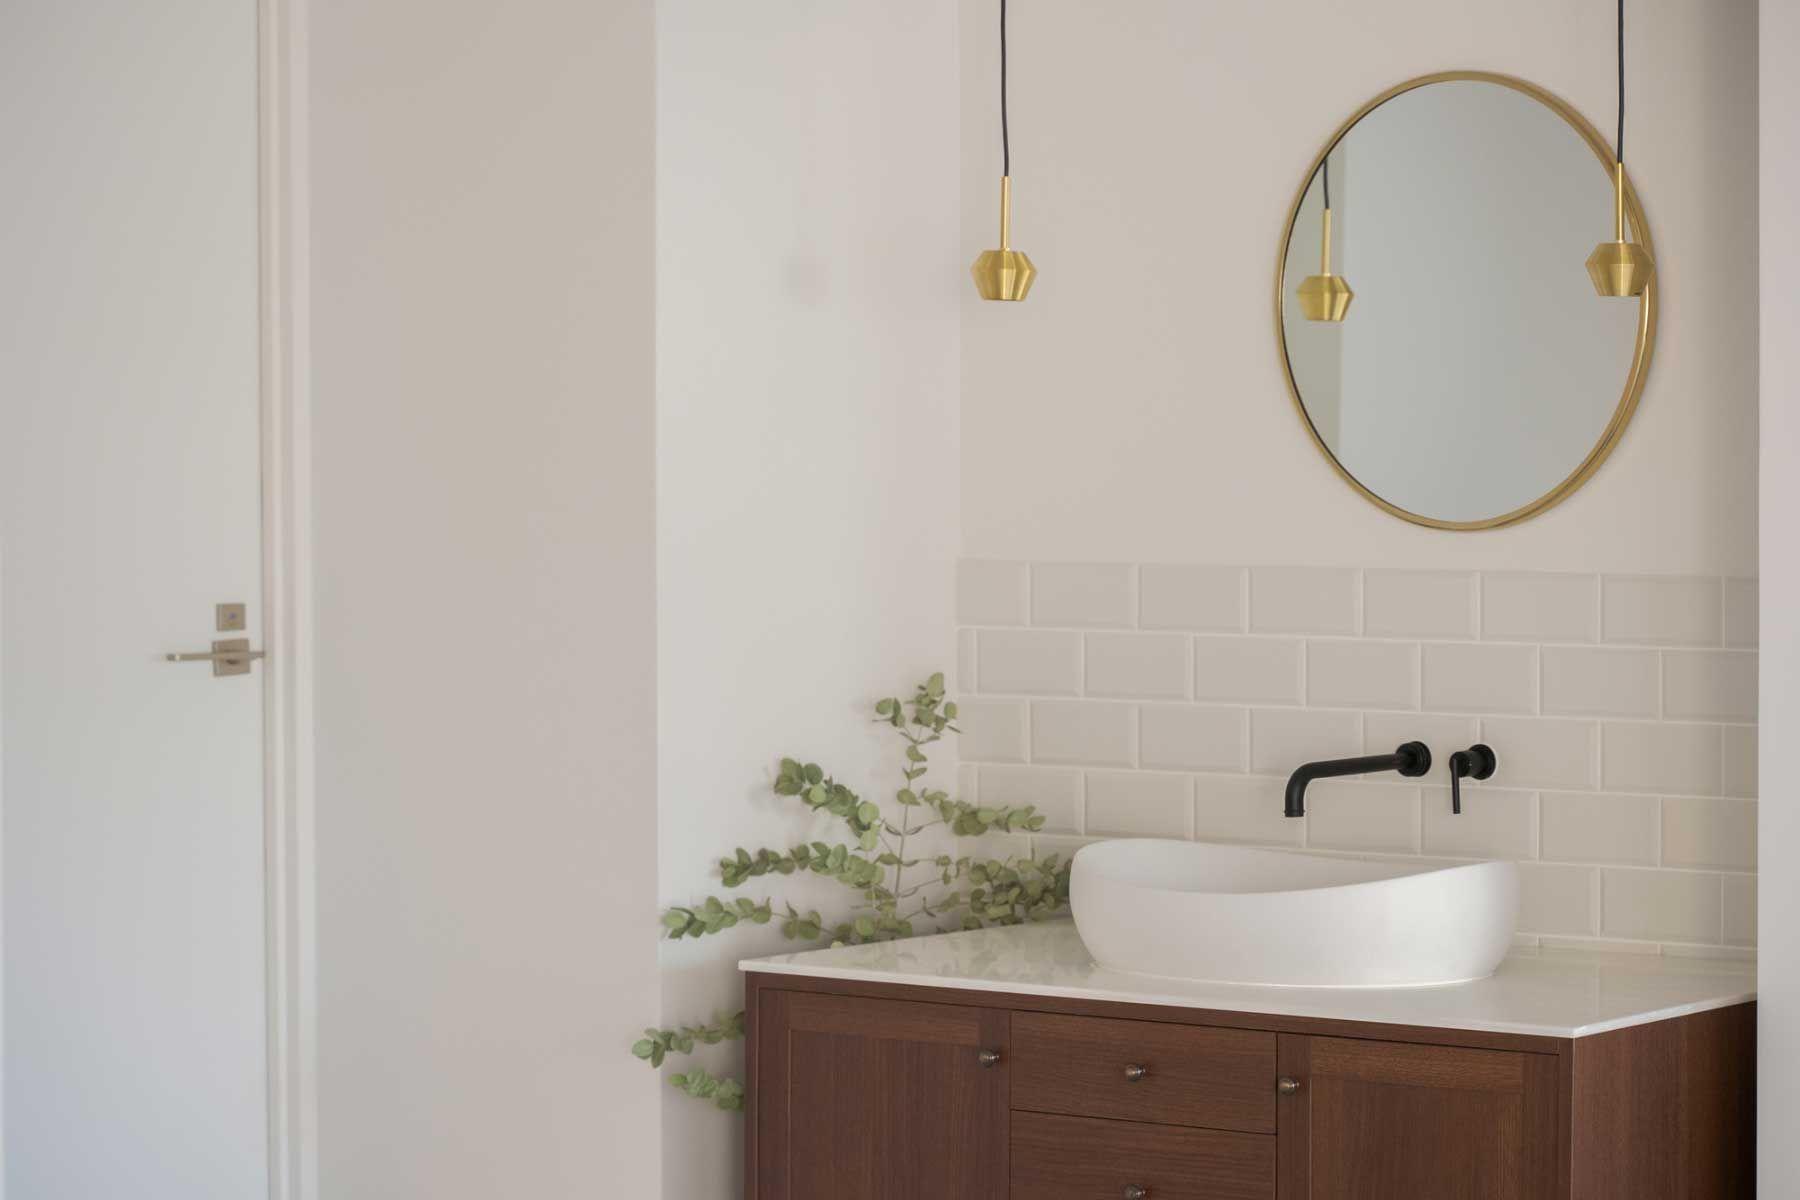 studio ankaa (スタジオ アンカー)清潔感のある洗面台